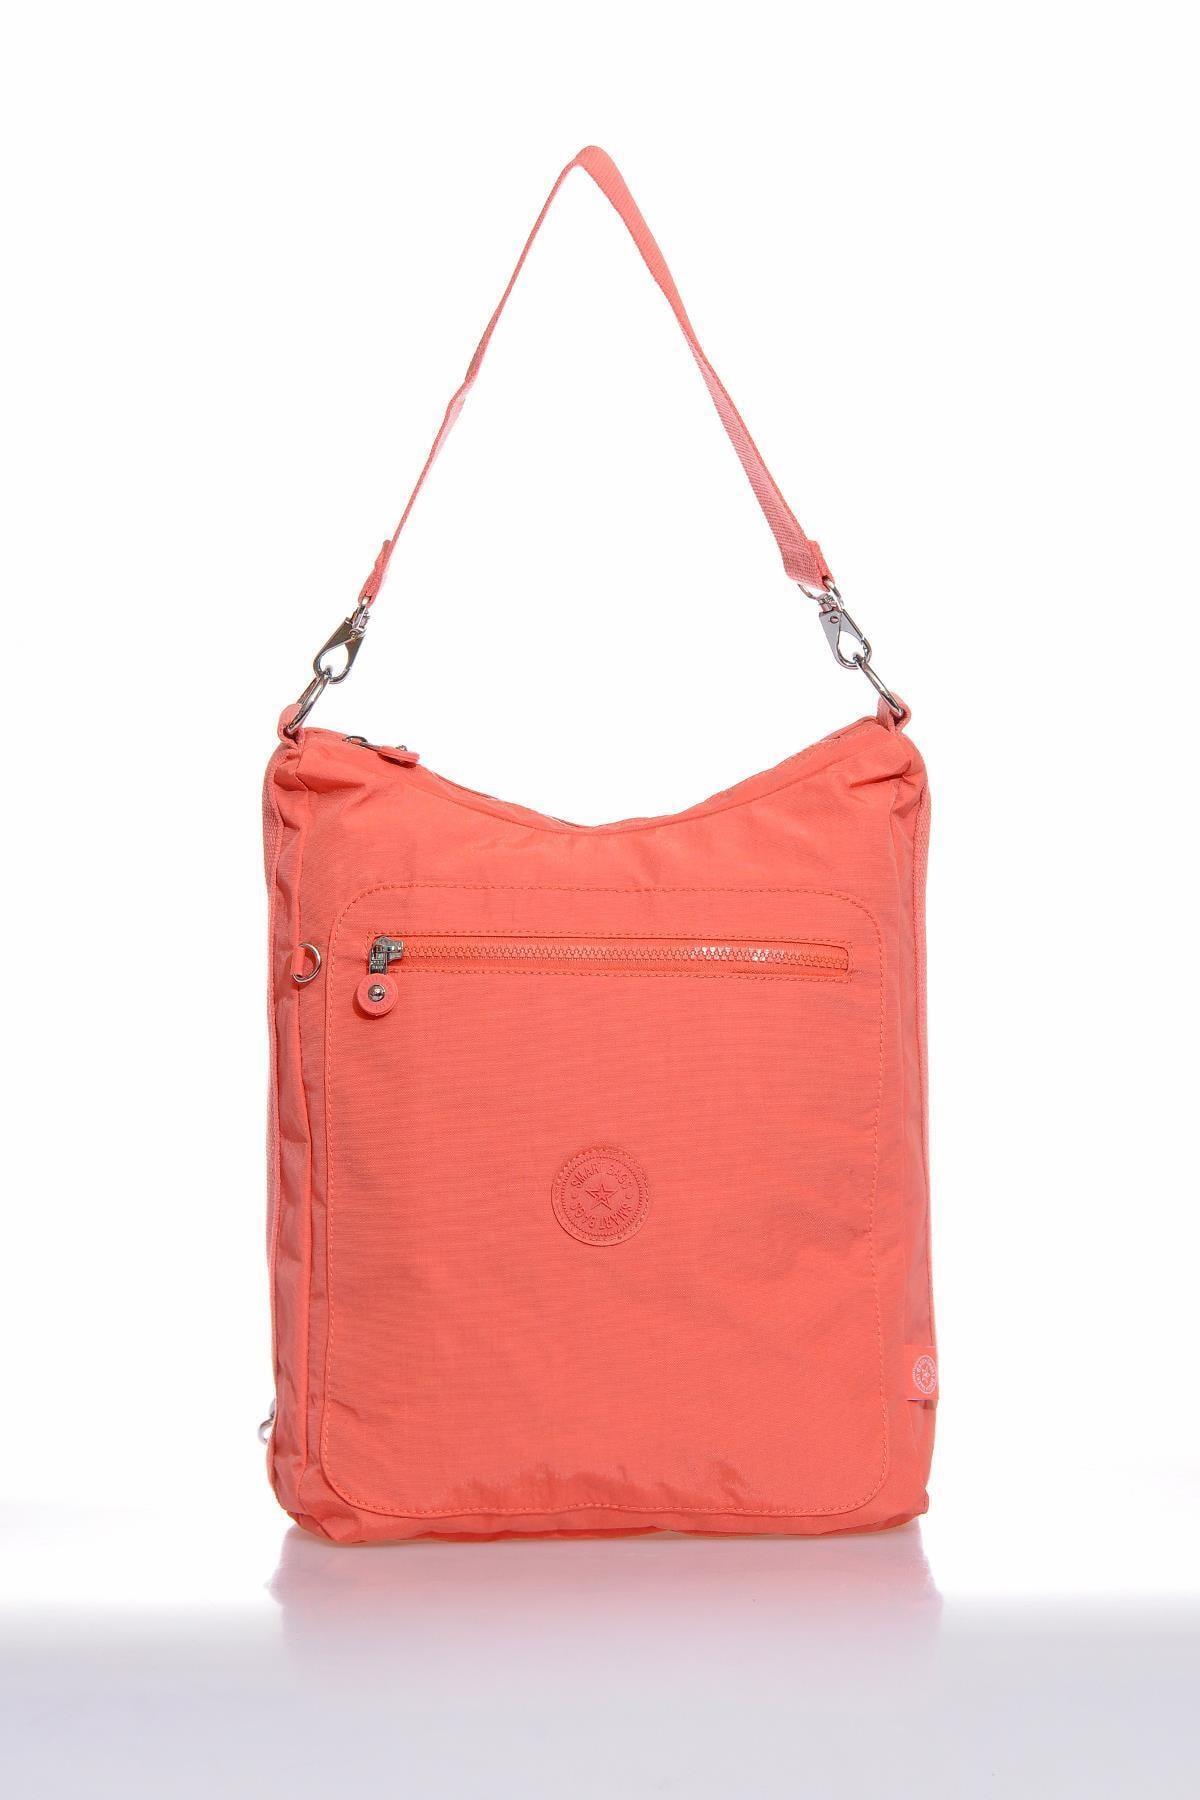 SMART BAGS Smb3069-0073 Somon Kadın Omuz Ve Sırt Çantası 1